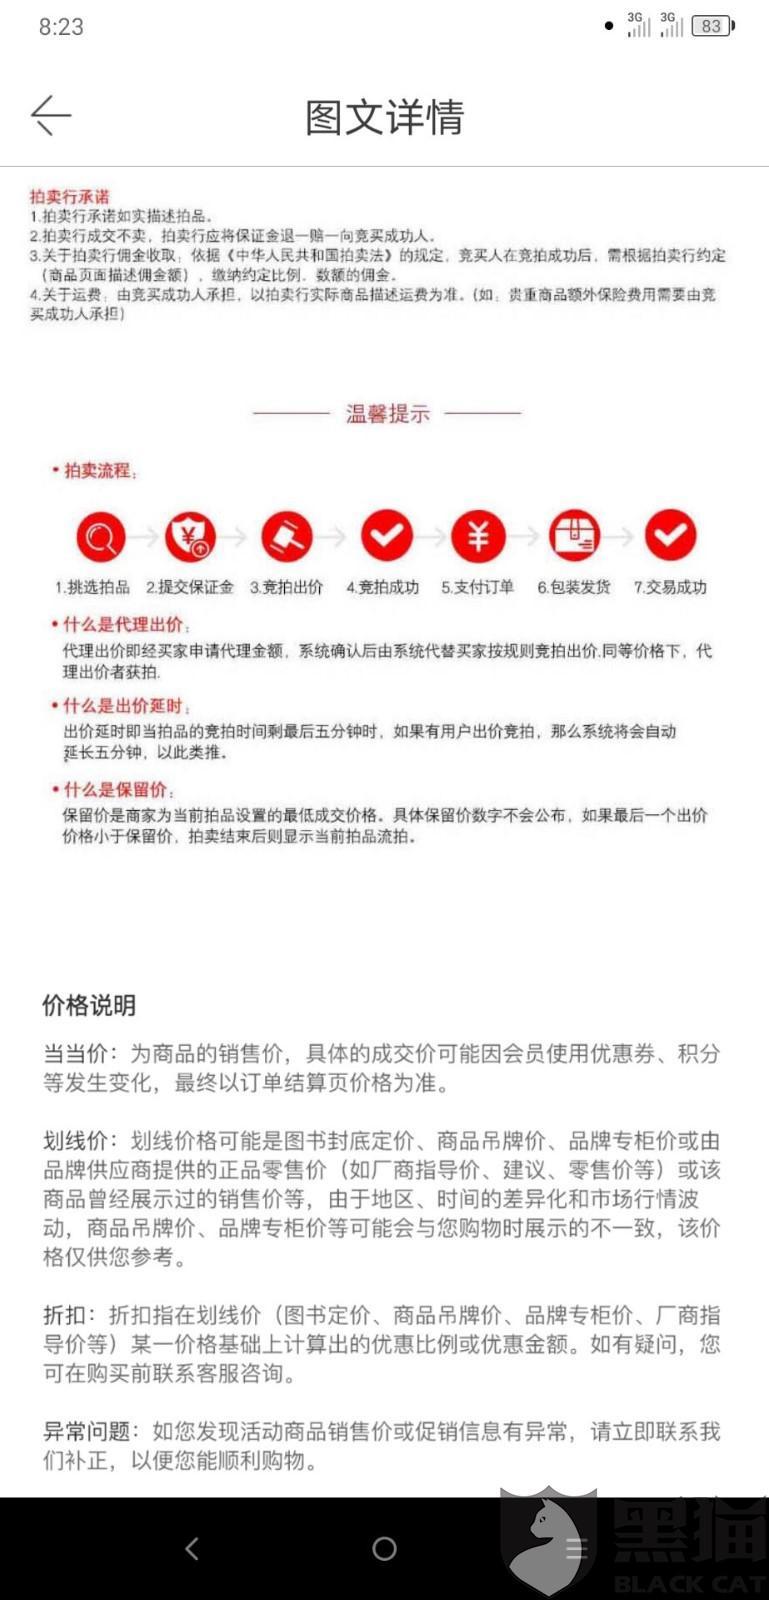 黑猫投诉:当当网对北京天骄国际拍卖有限公司虚假发货问题不作为